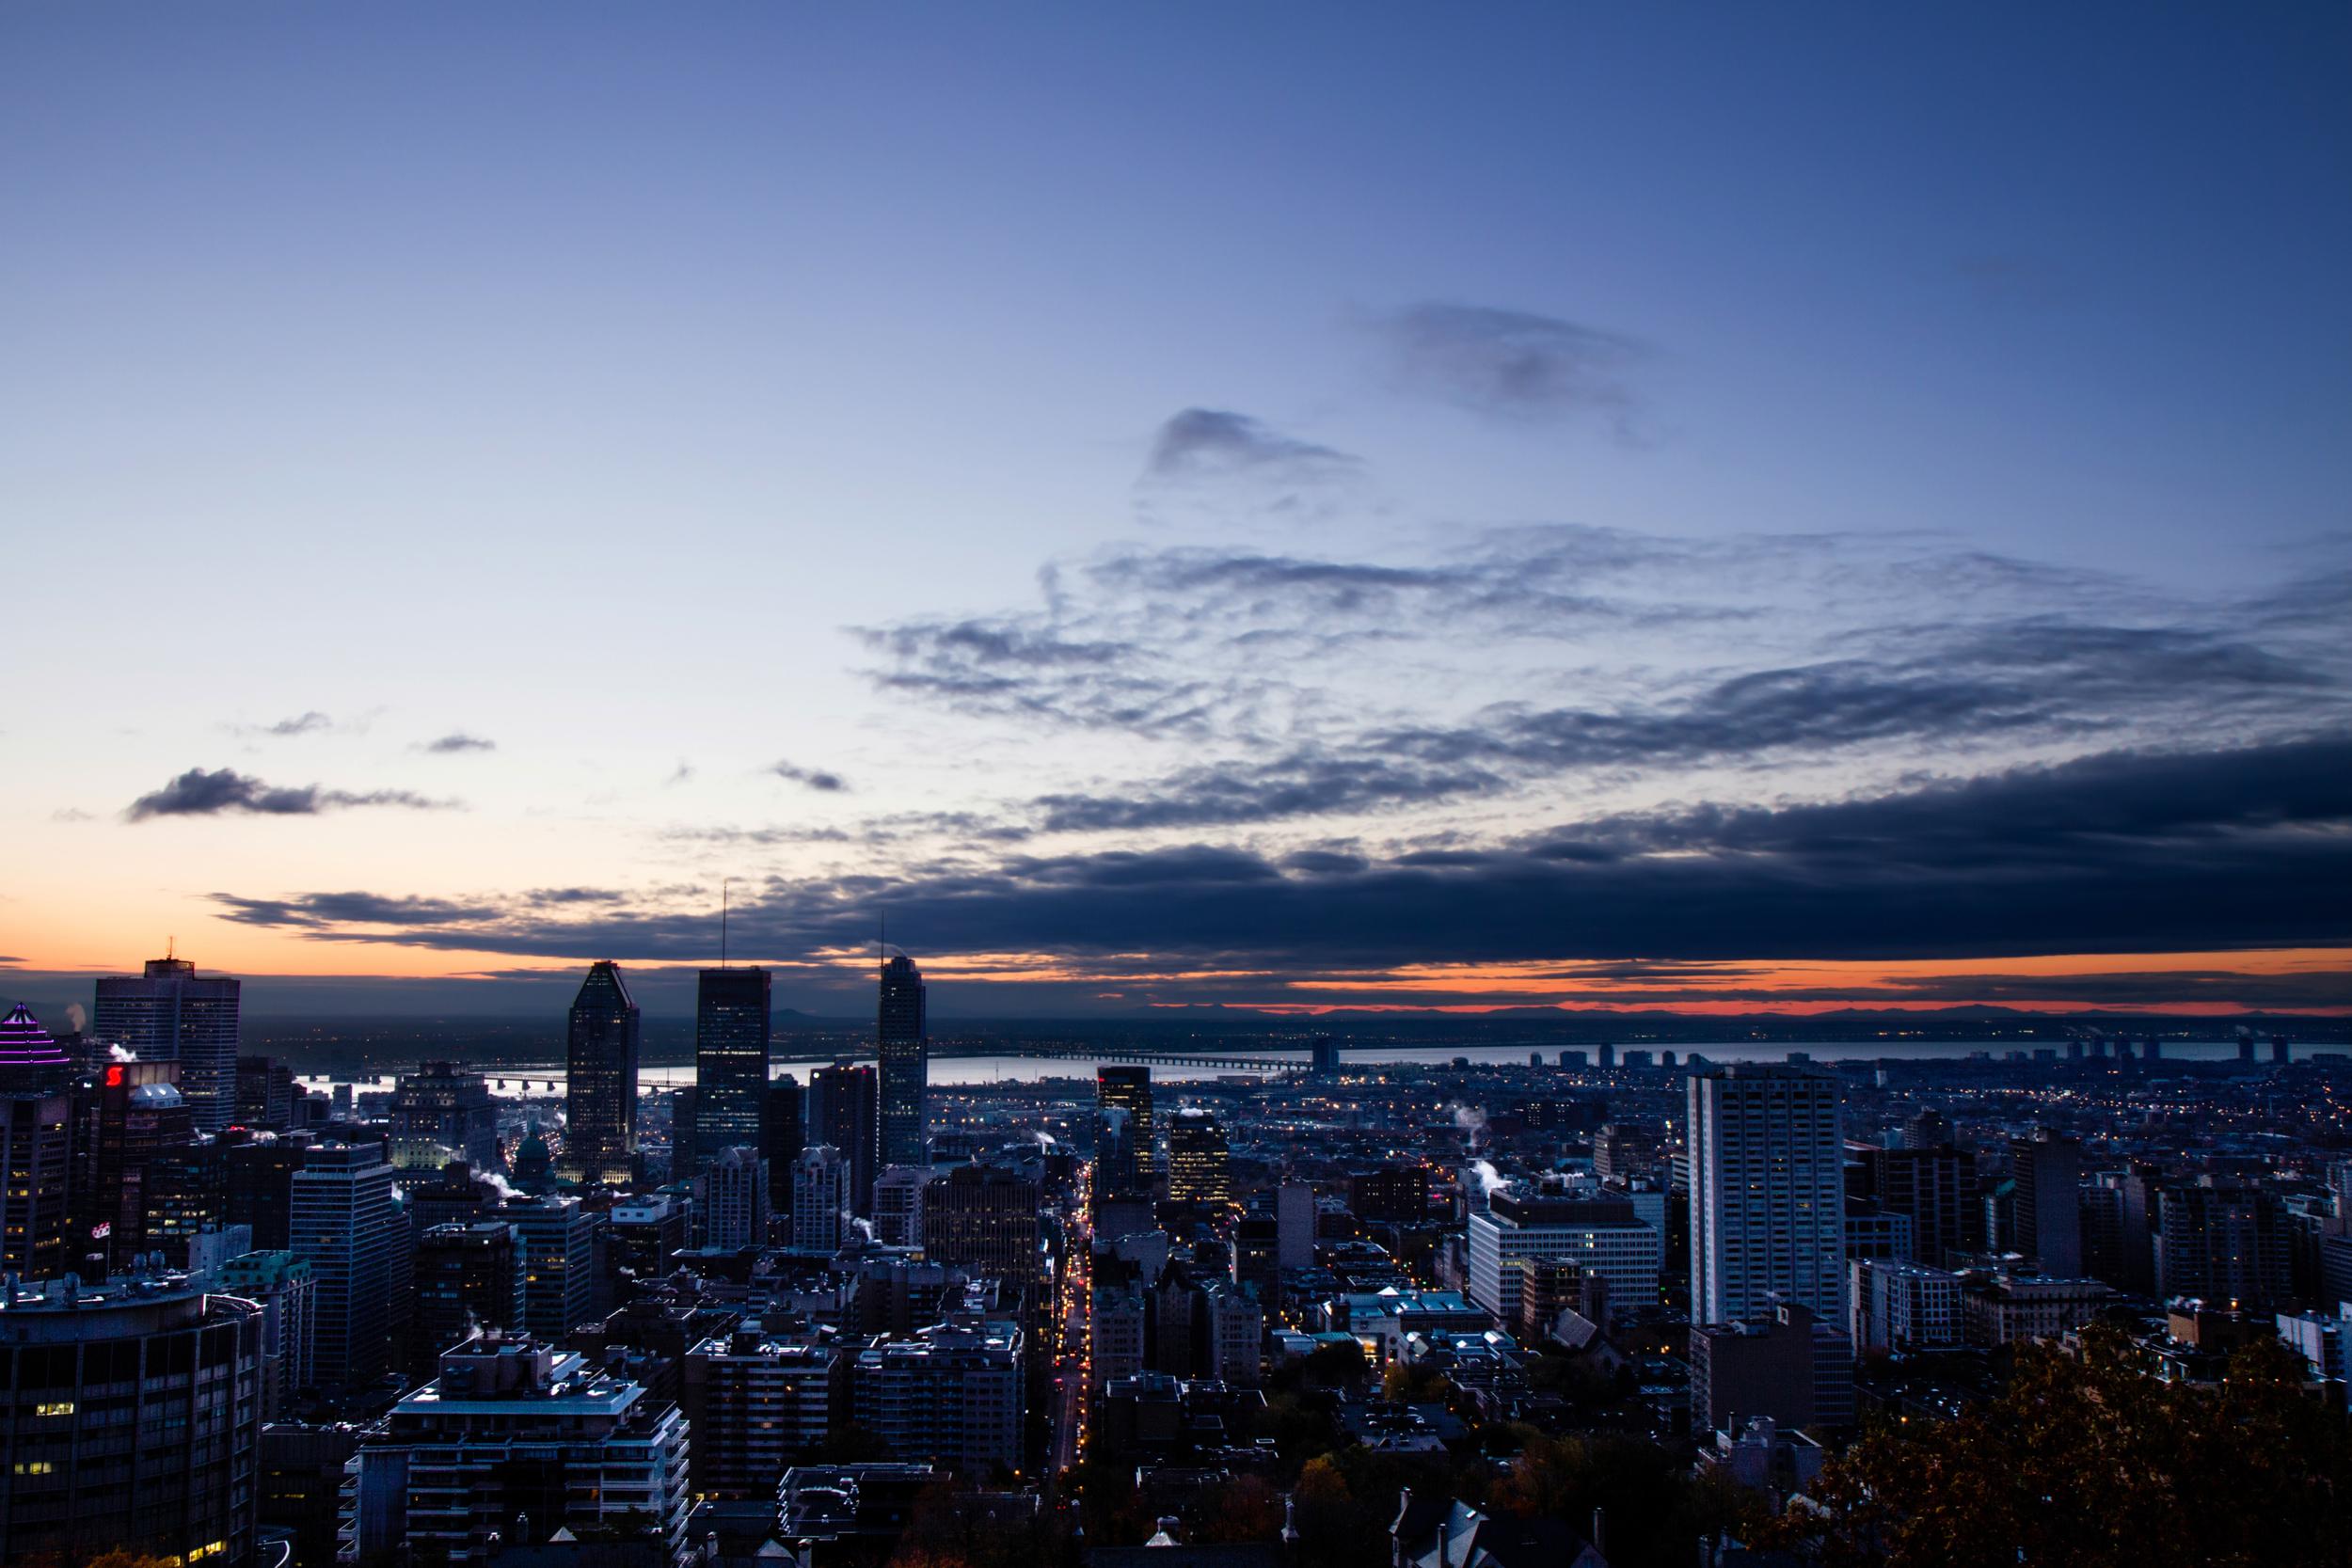 montreal-sunrise-bldgs-corrected.jpg